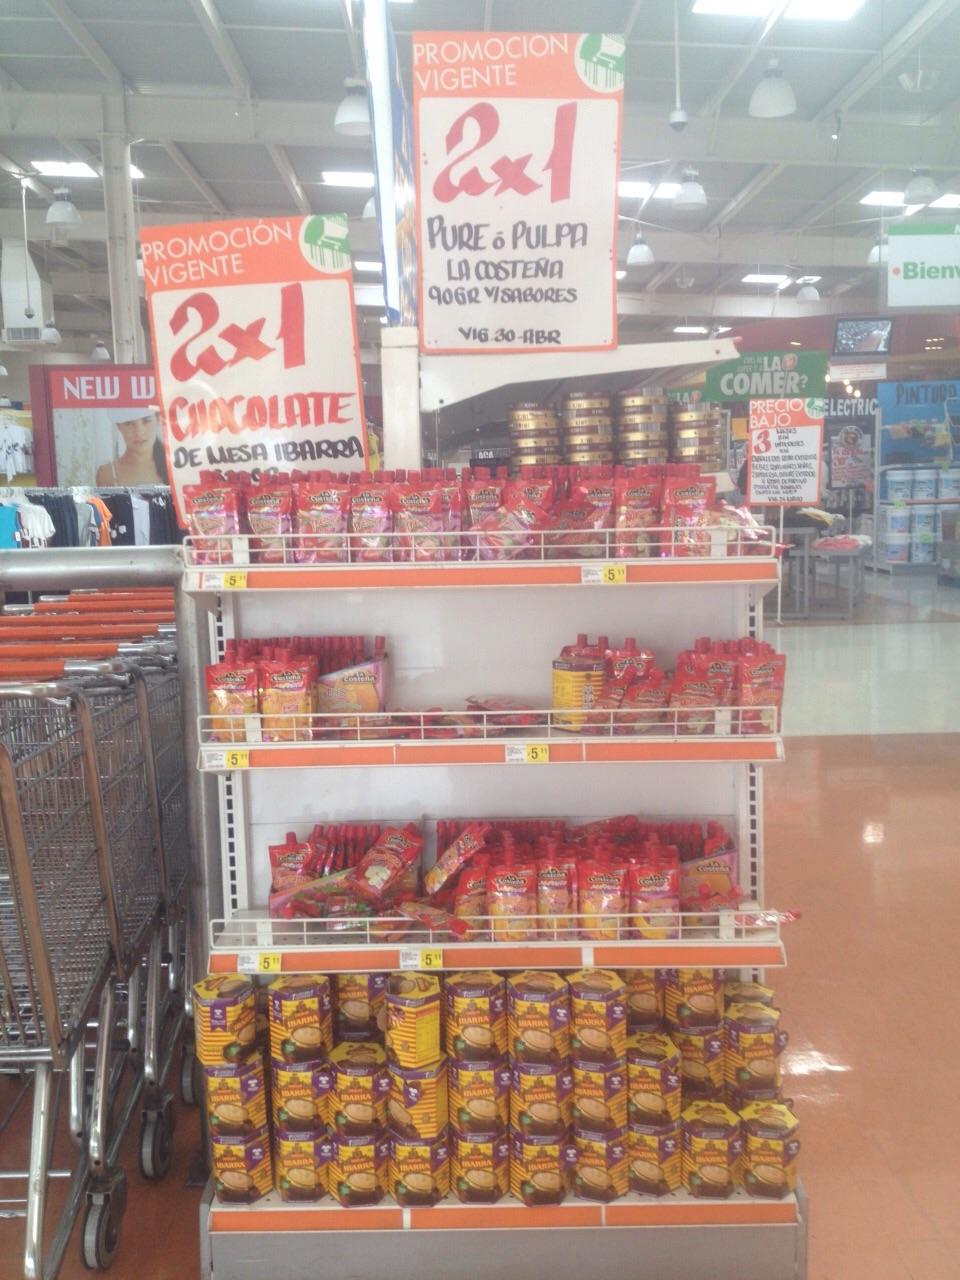 La Comer: 2x1 en Chocolate de mesa Ibarra y puré o pulpa La Costeña